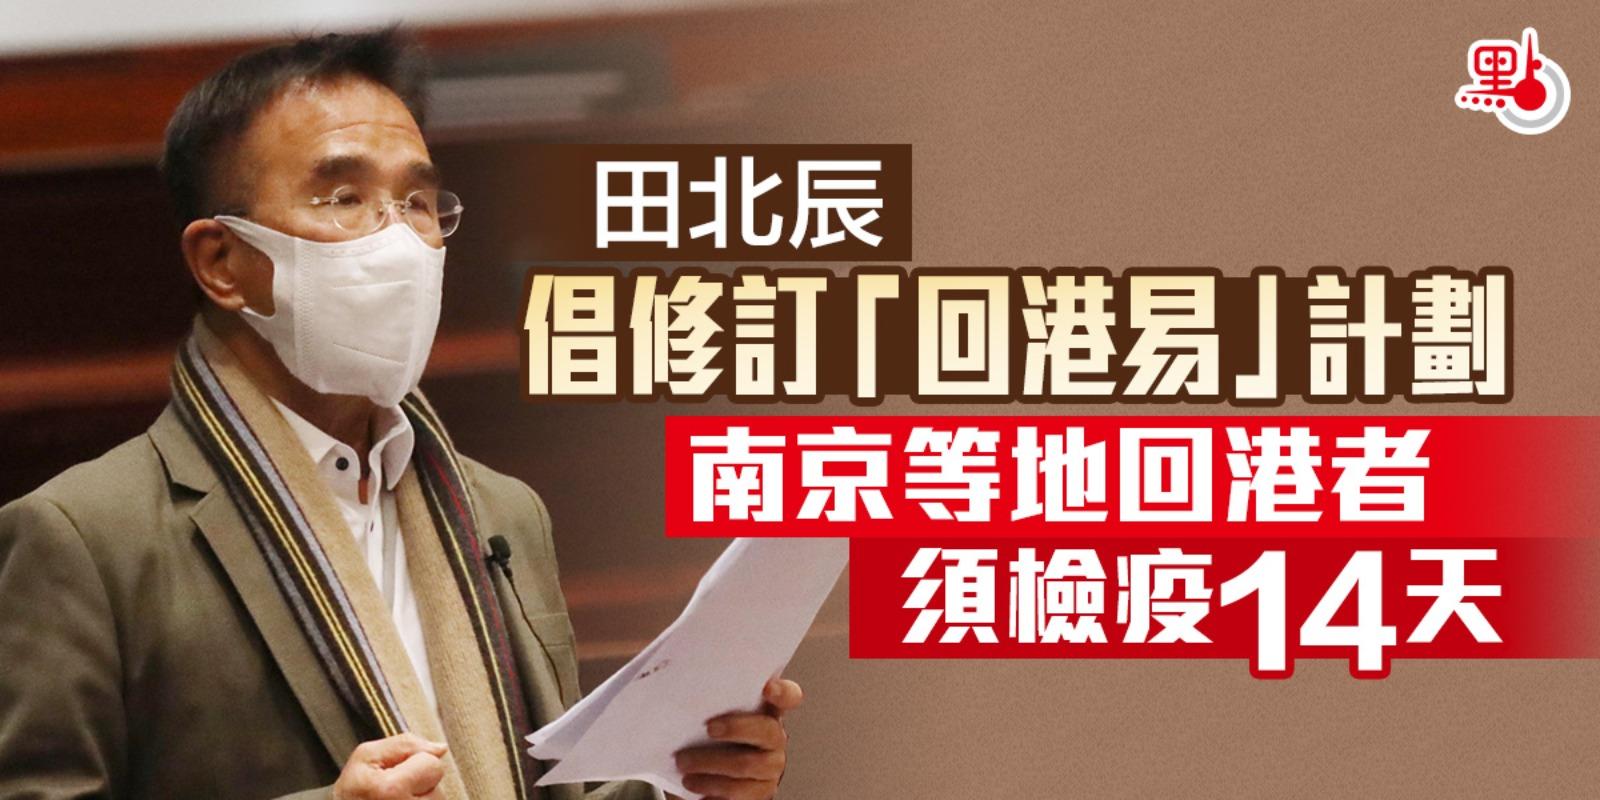 田北辰倡修訂「回港易」計劃 南京等地回港者須檢疫14天